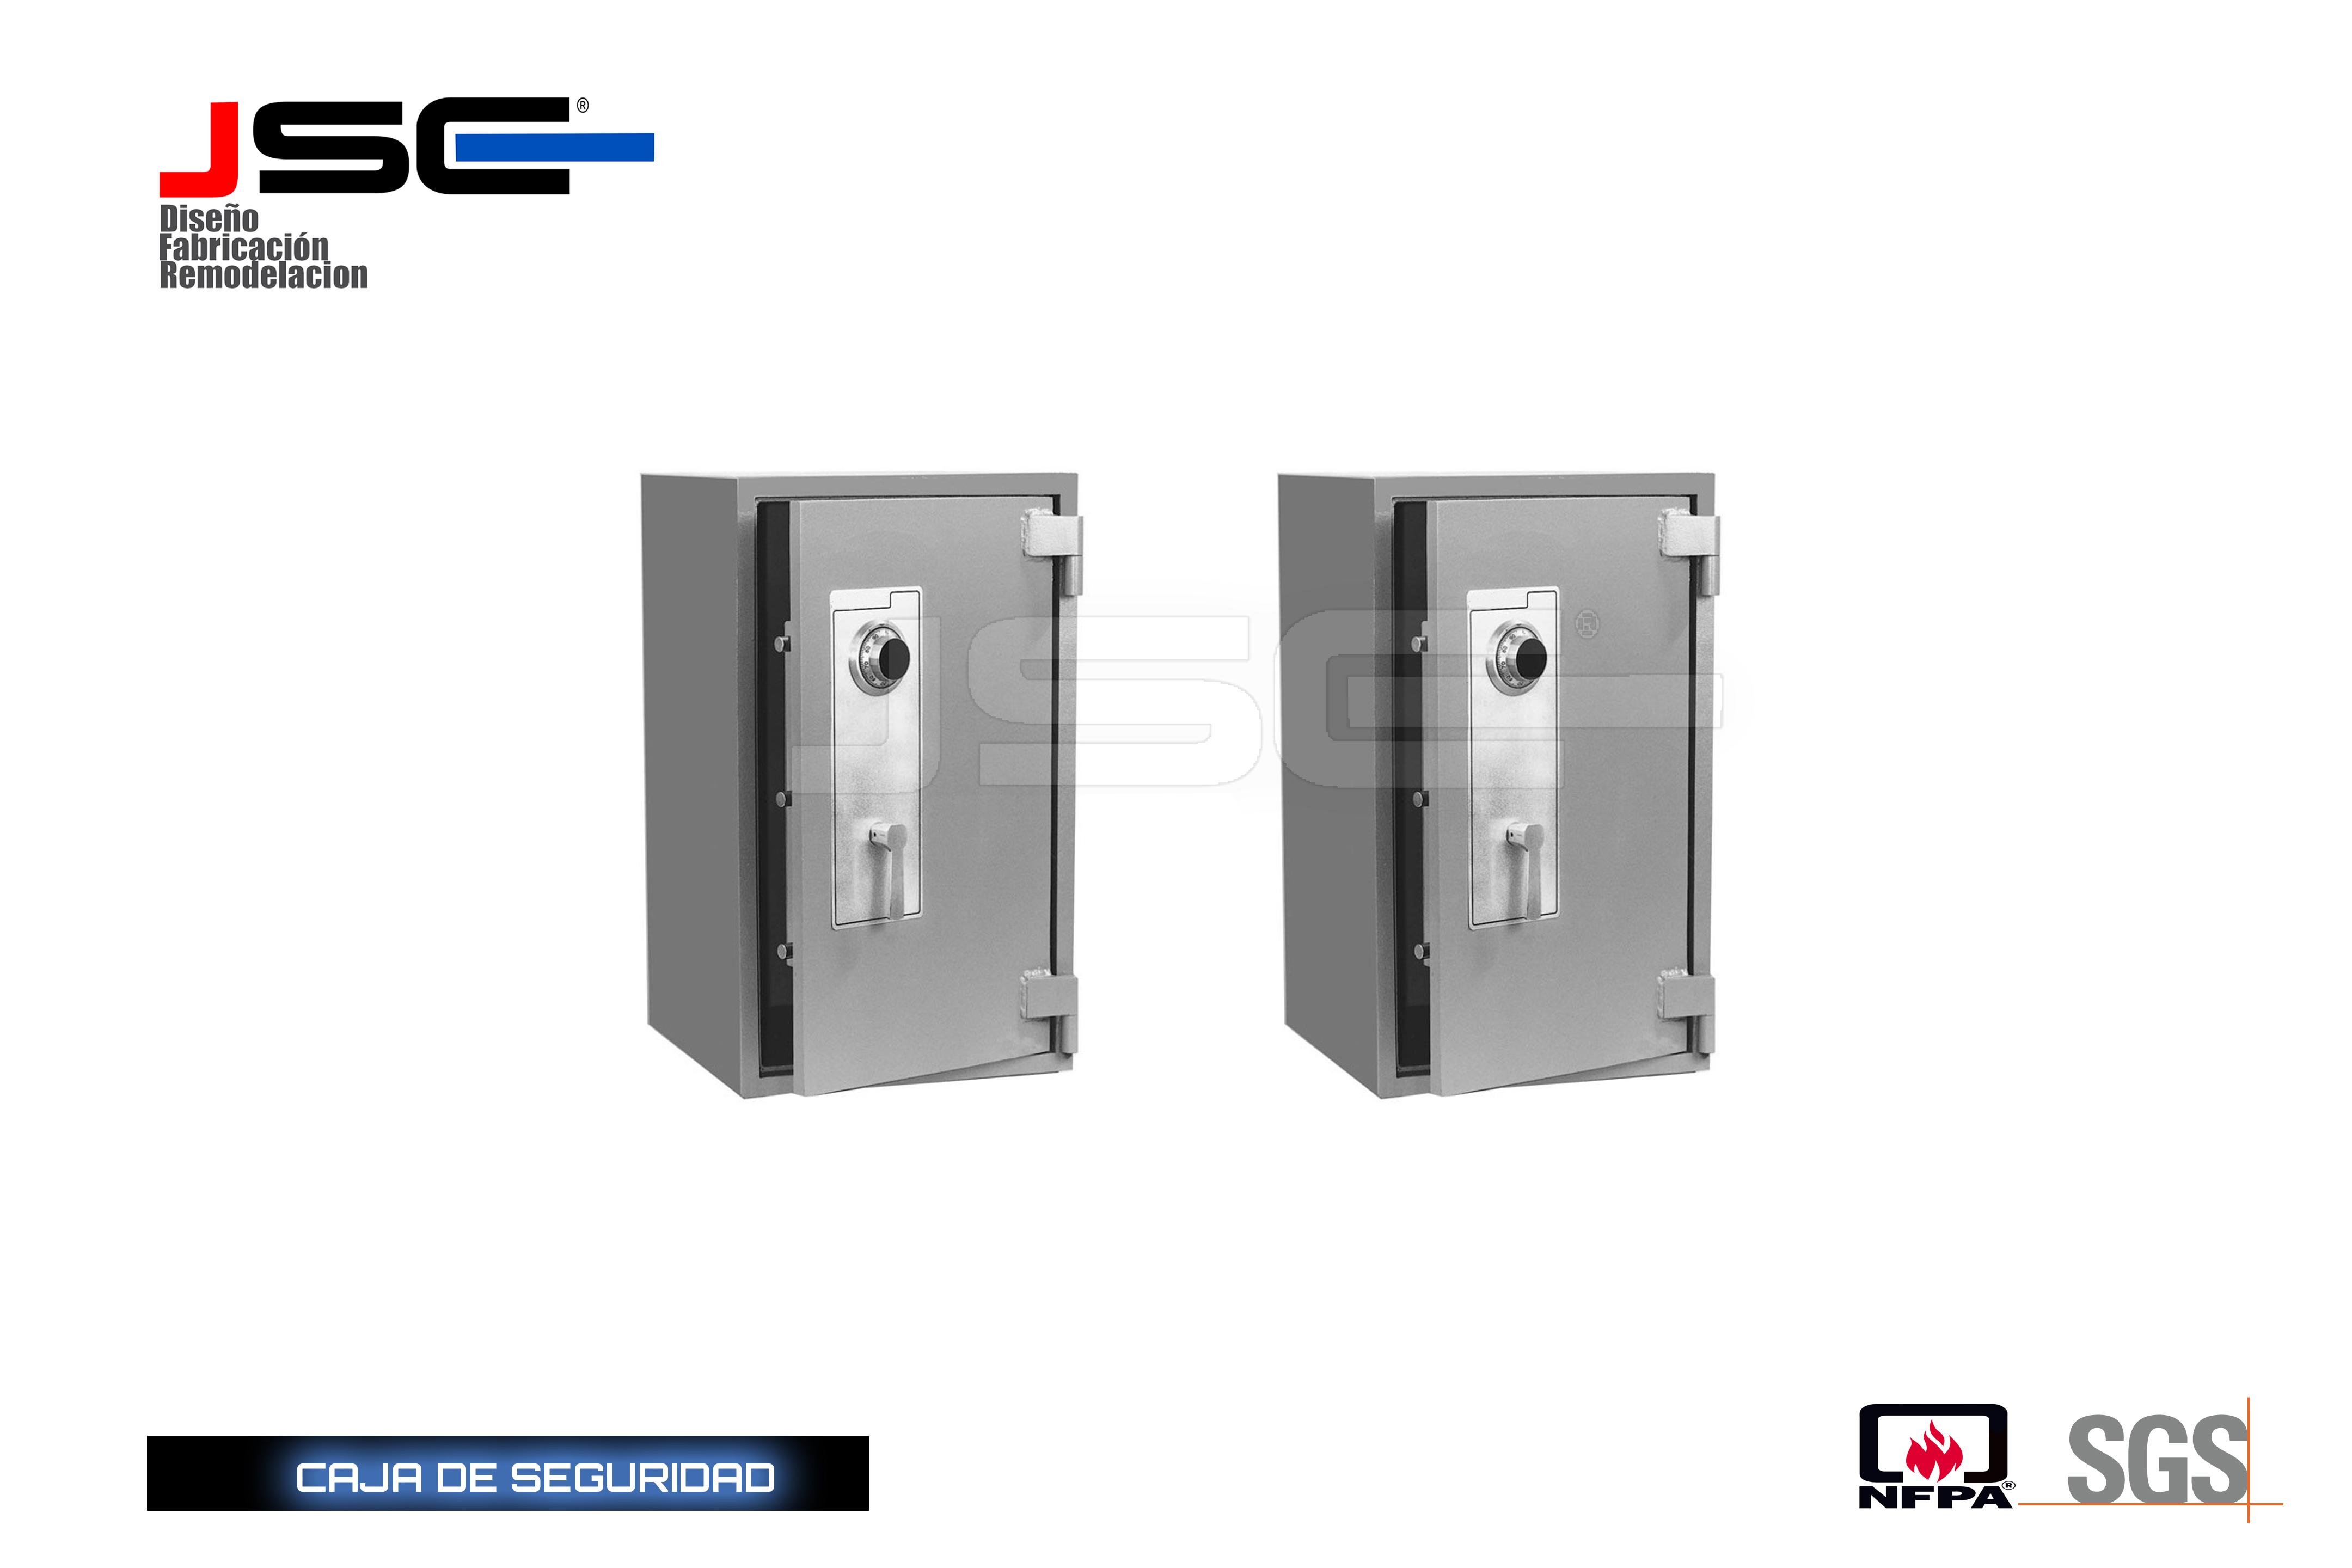 Caja de piso JSCP009